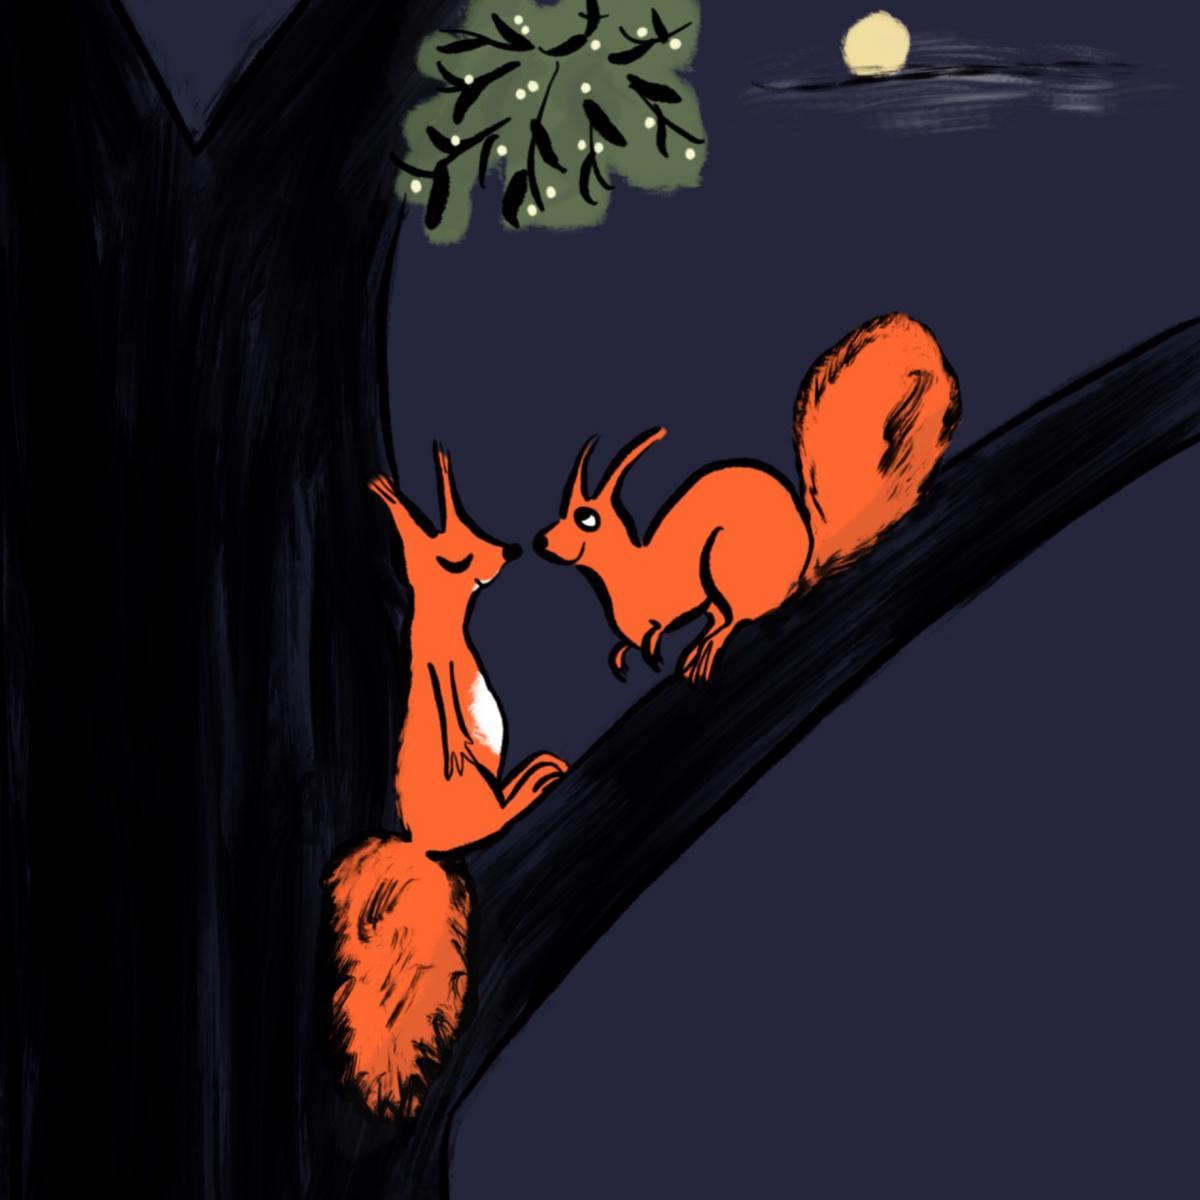 Eichhörnchenliebe